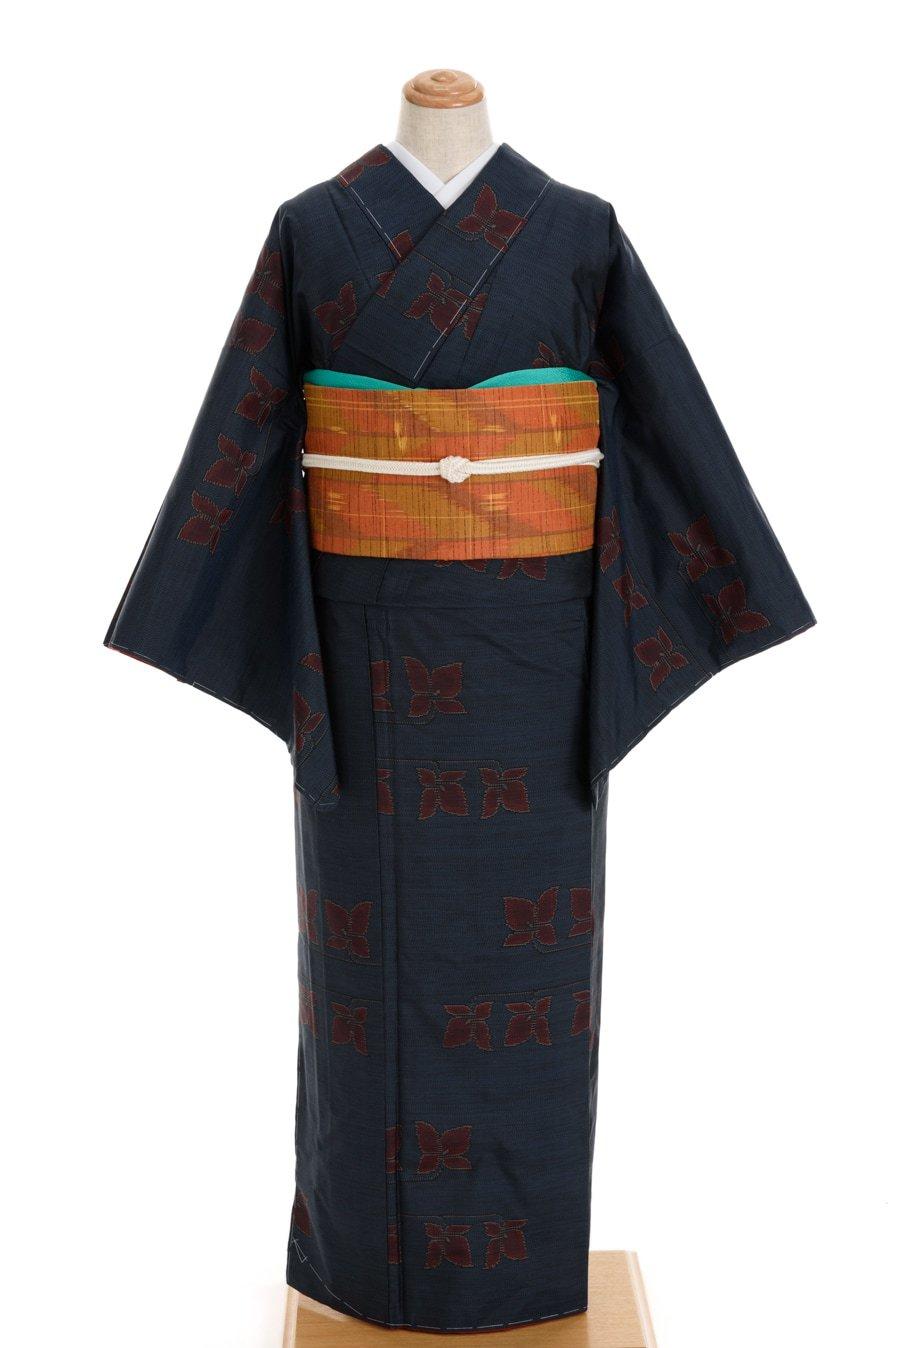 「大島紬 横双 蝶々のような花」の商品画像